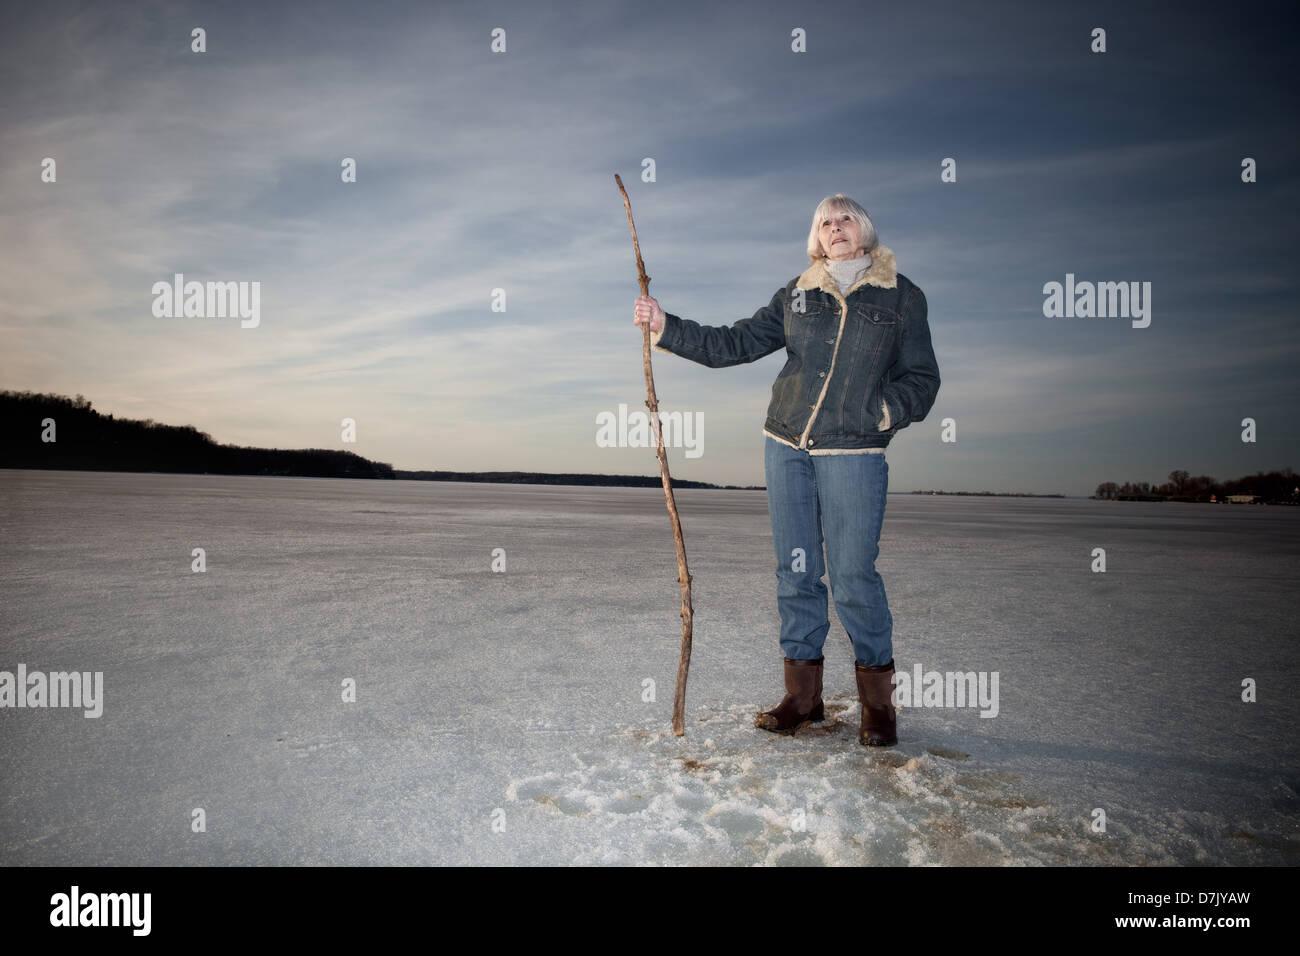 Ökologische Porträt der Frau in ihr 70 ist auf See halten Stock Stock stehend Stockbild